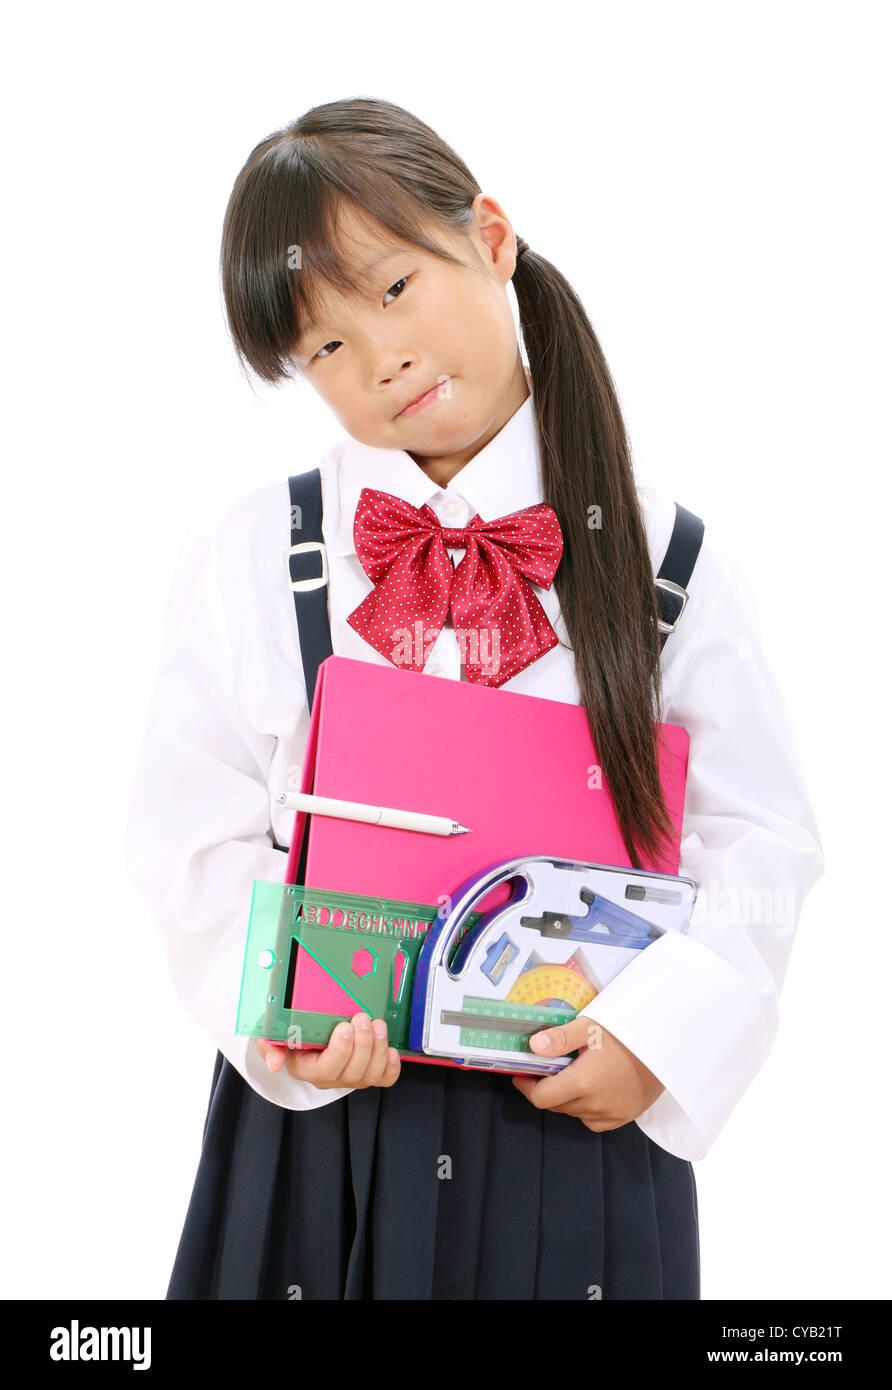 Little Asian Schoolgirl With School Supplies